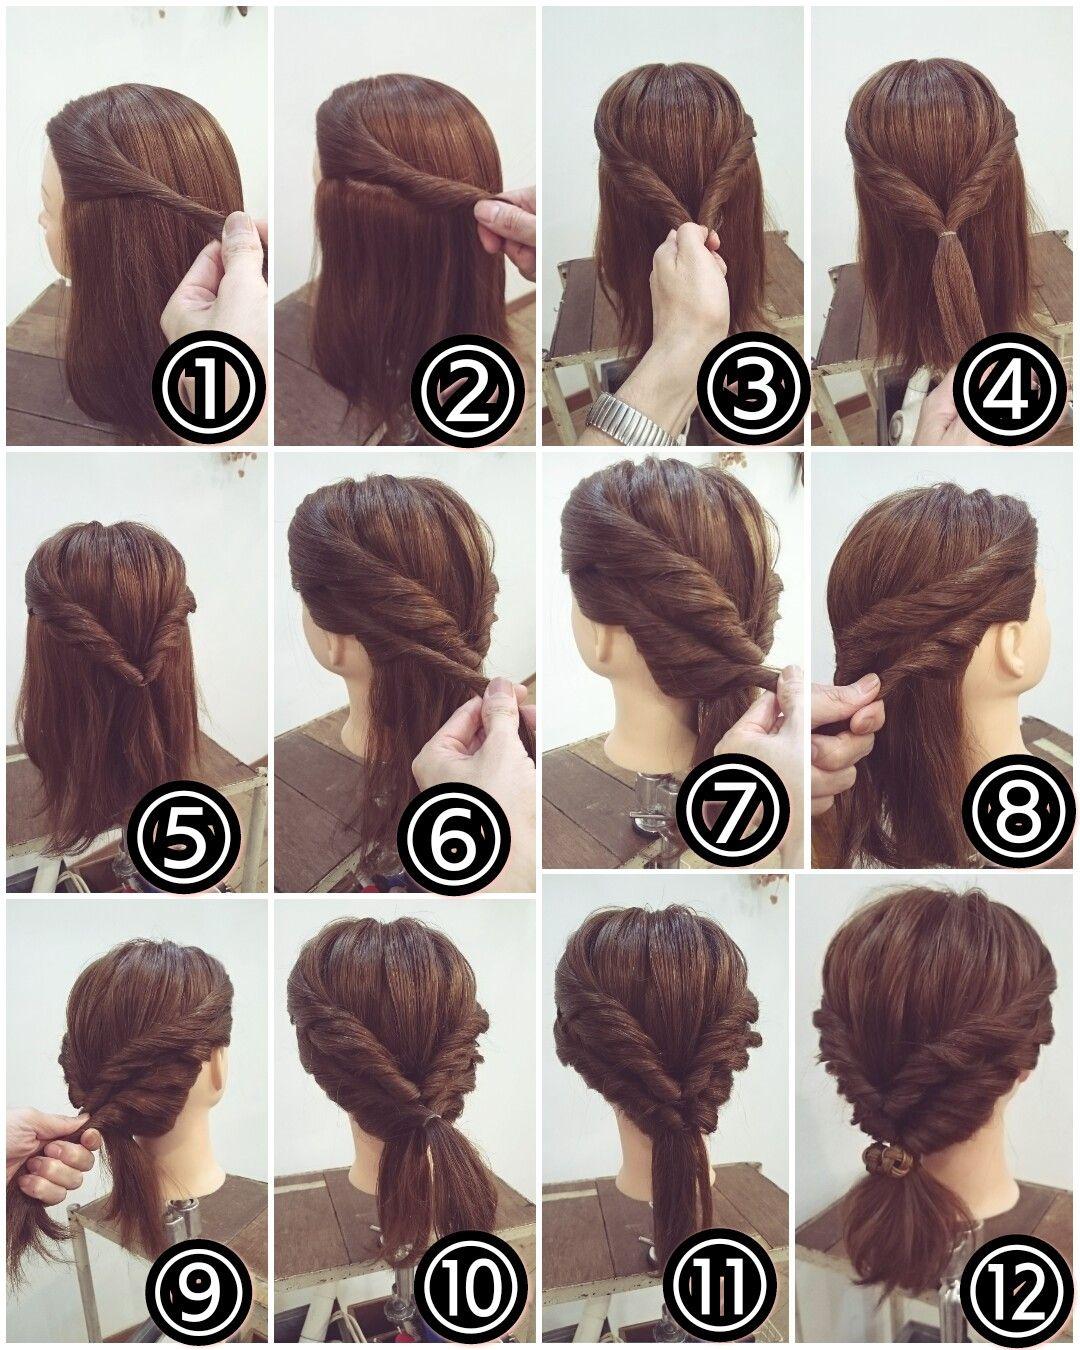 10 Einfache Frisuren Hochzeit Finden Sie Die Beste Frisur